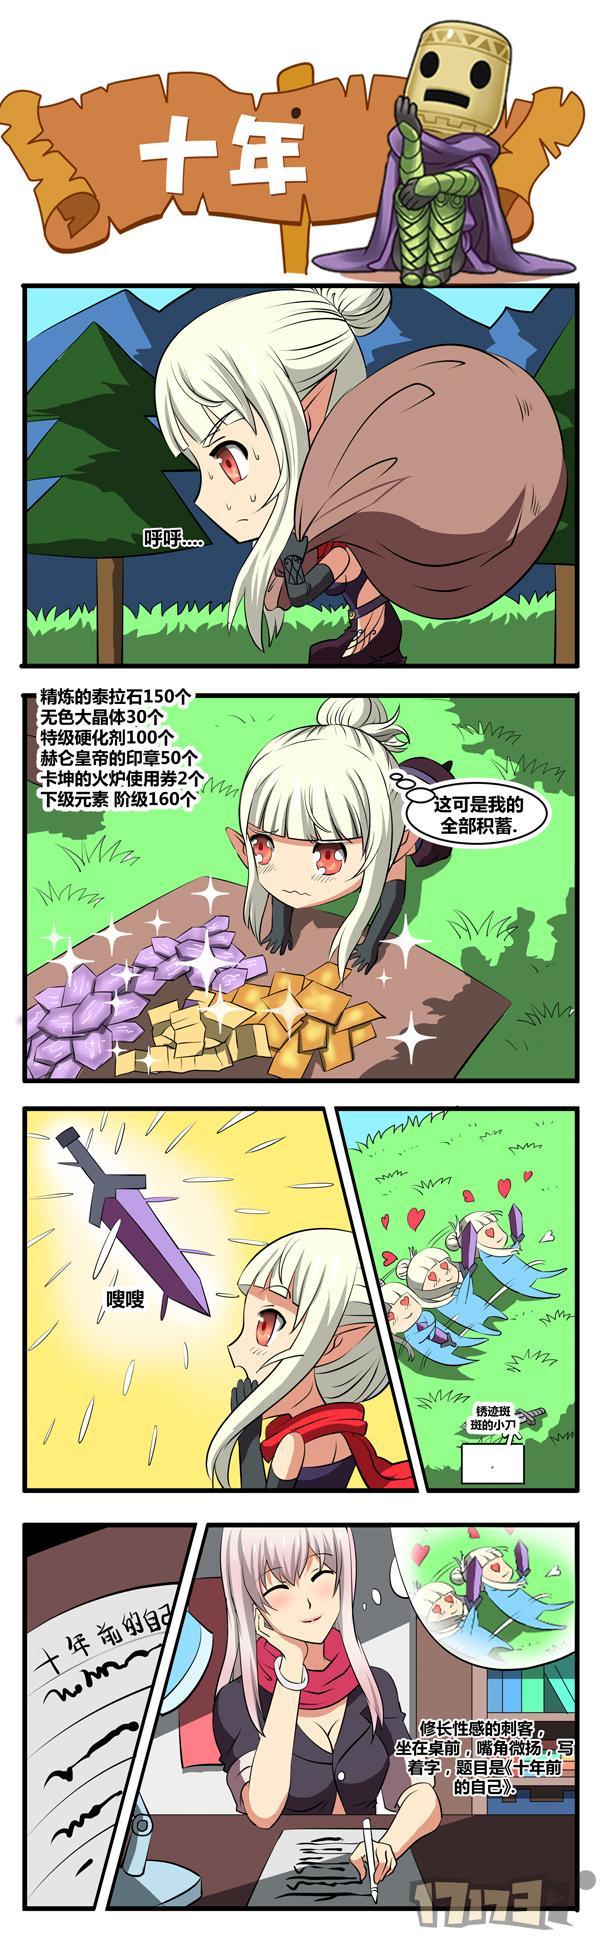 四格漫画十年-天黑-600.jpg